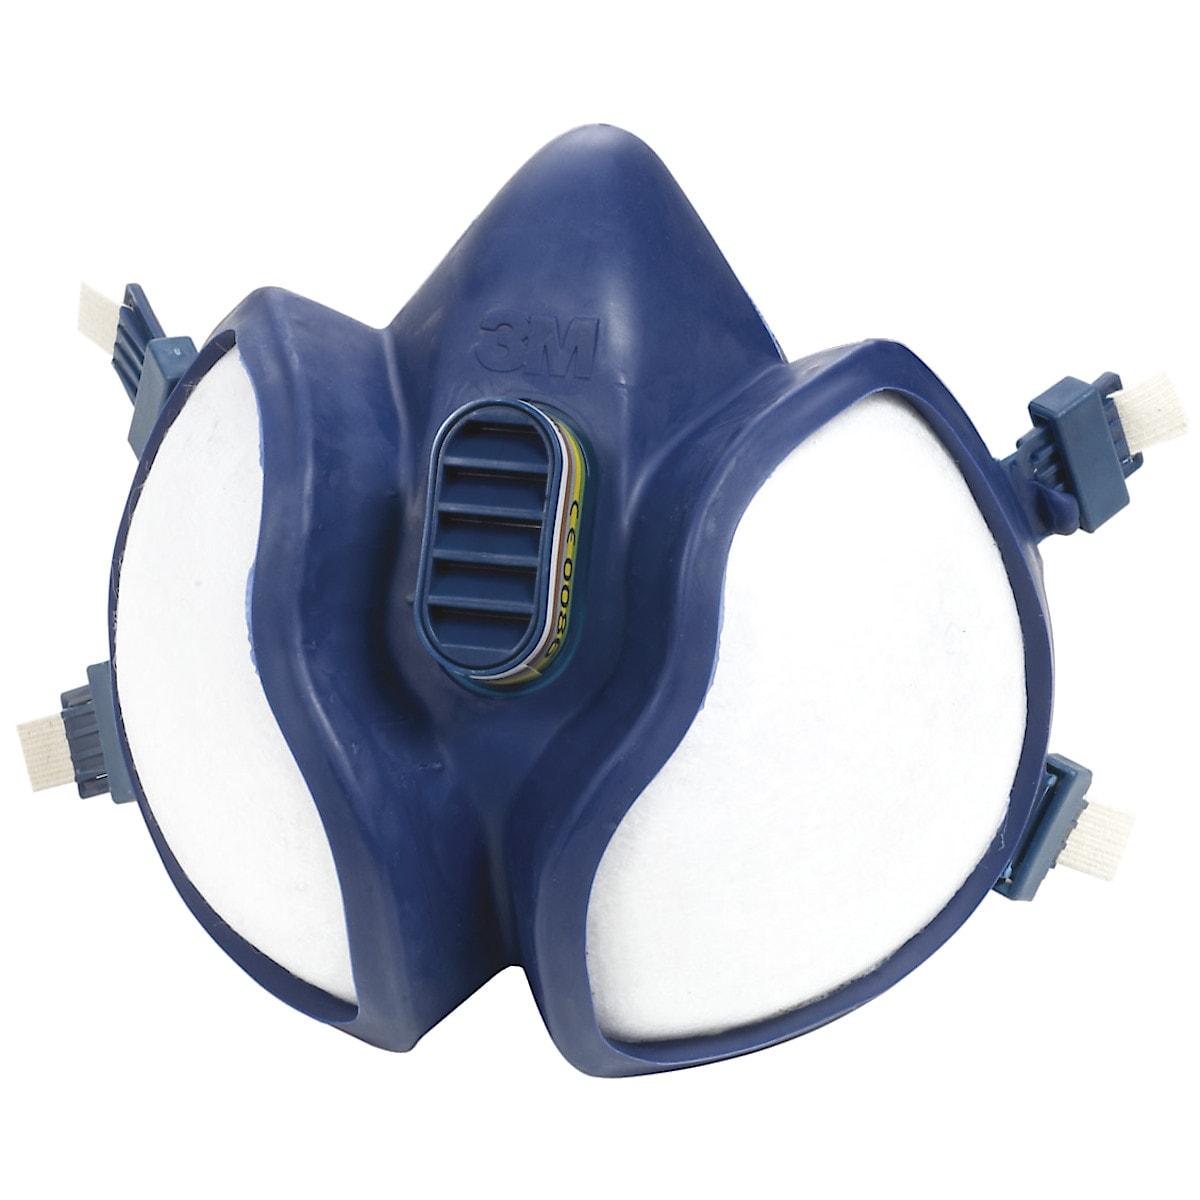 Skyddsmask med kolfilter 3M 4255